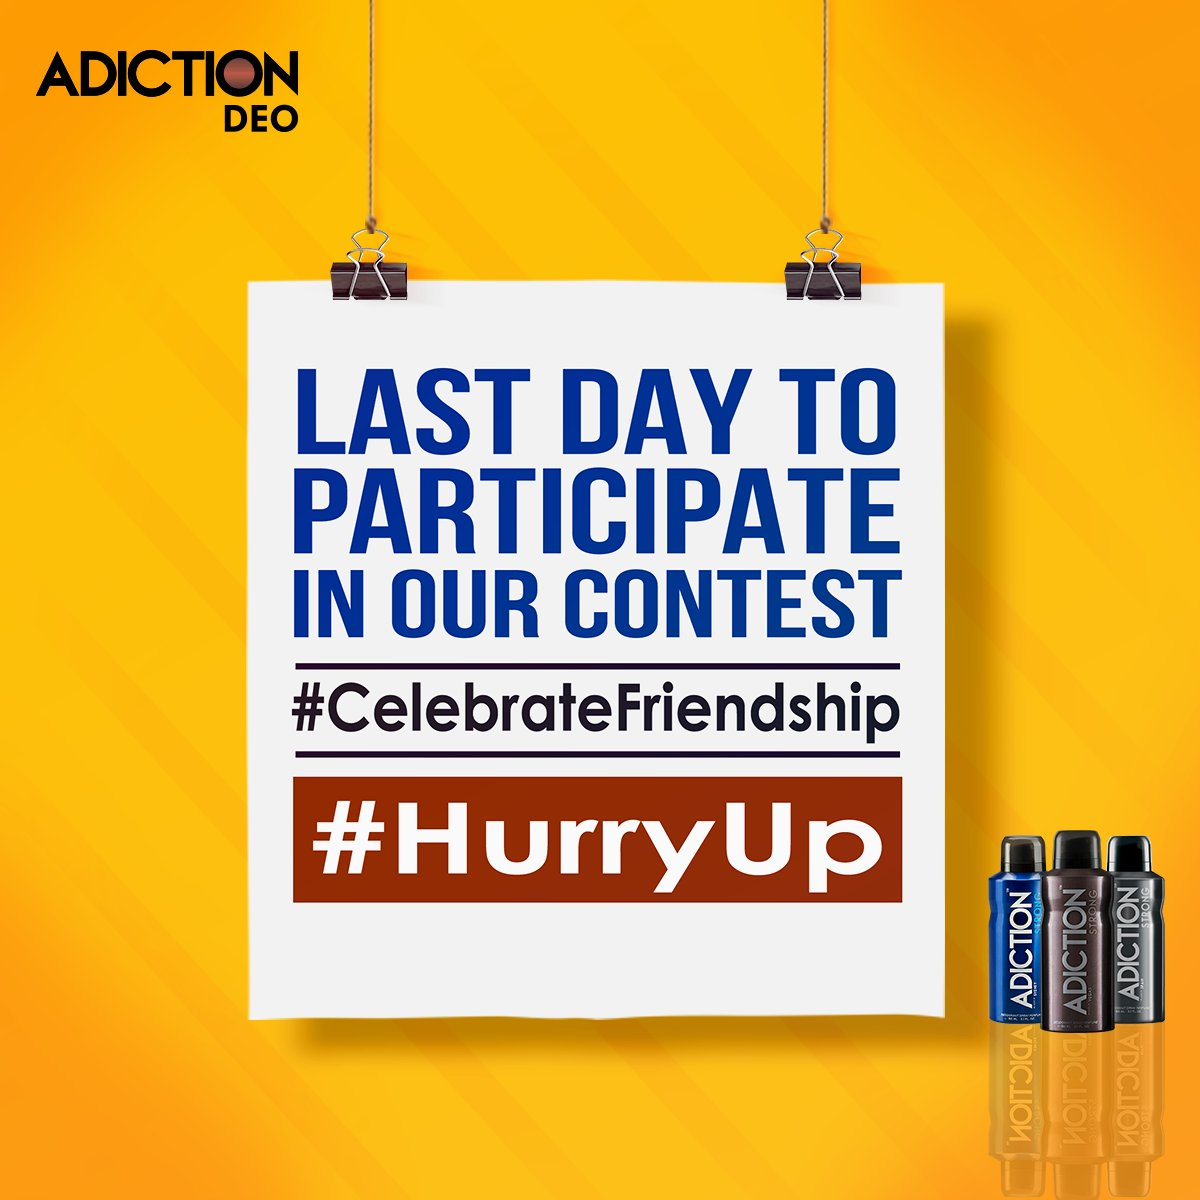 Hurry Up! Contest closing soon. #Adiction #Contest  #CelebrateFriendship https://t.co/TvJbIQ8HZc